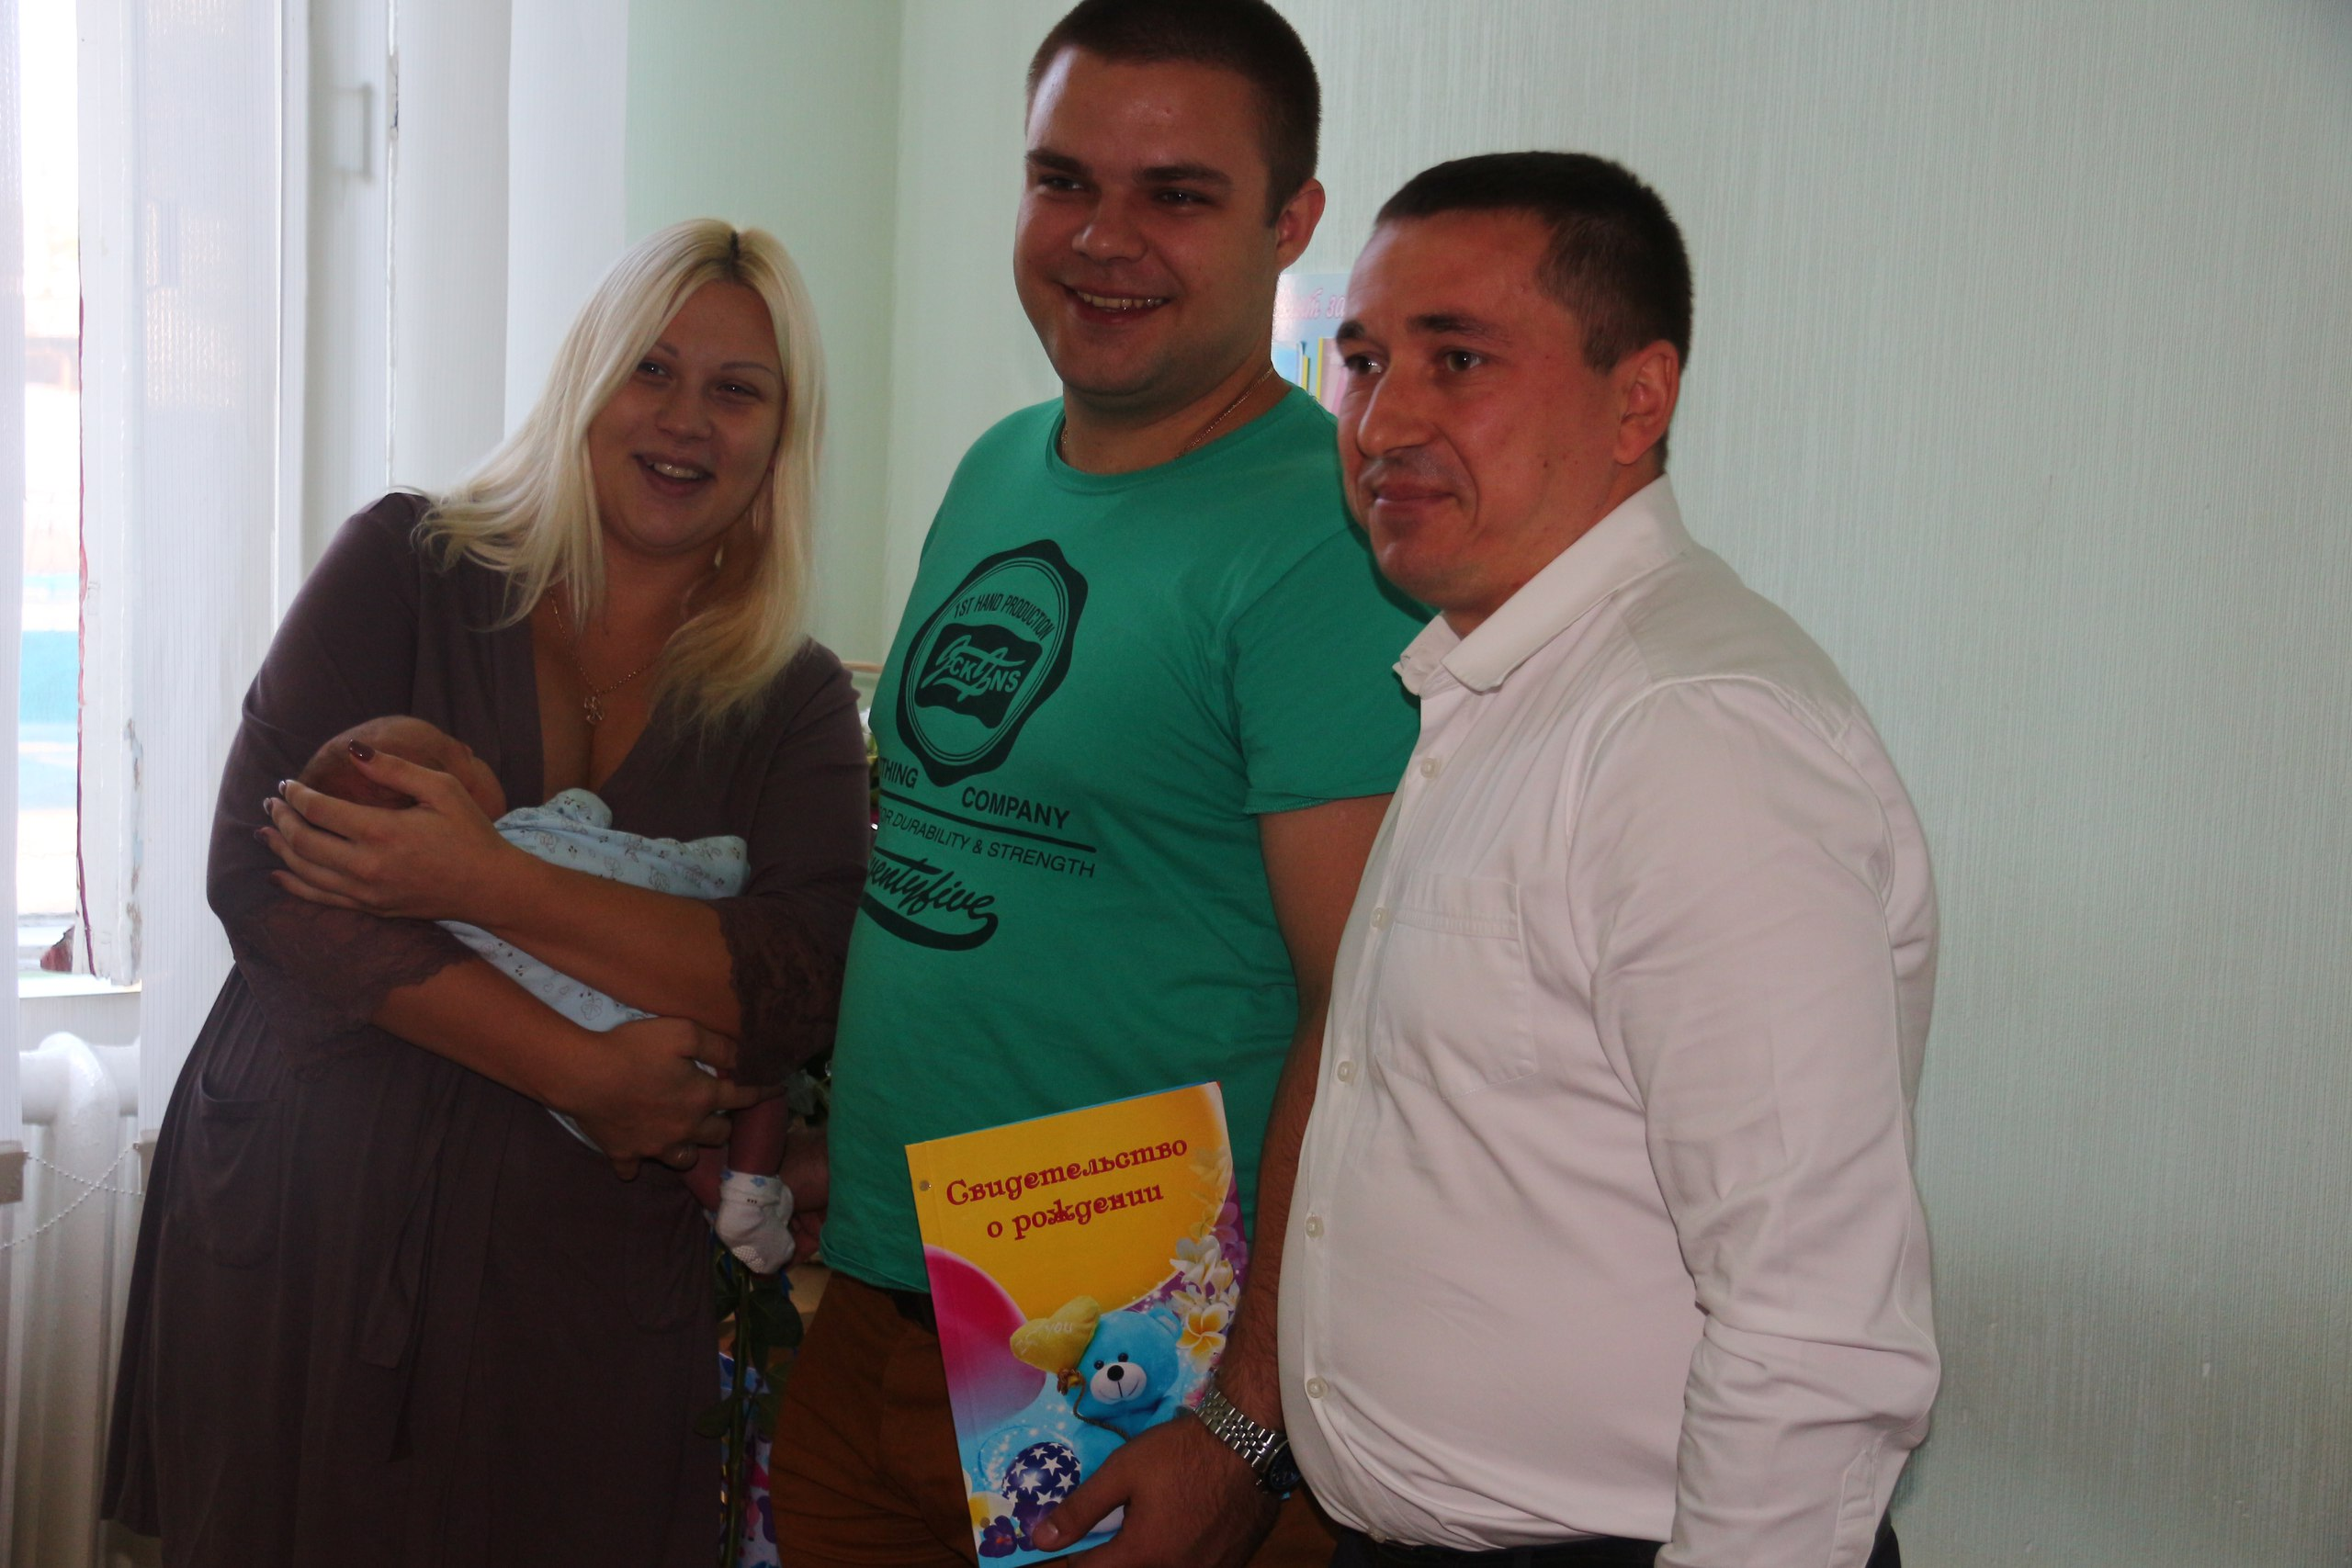 Костянтин Хутковський особисто видав ювілейне свідоцтво про народження